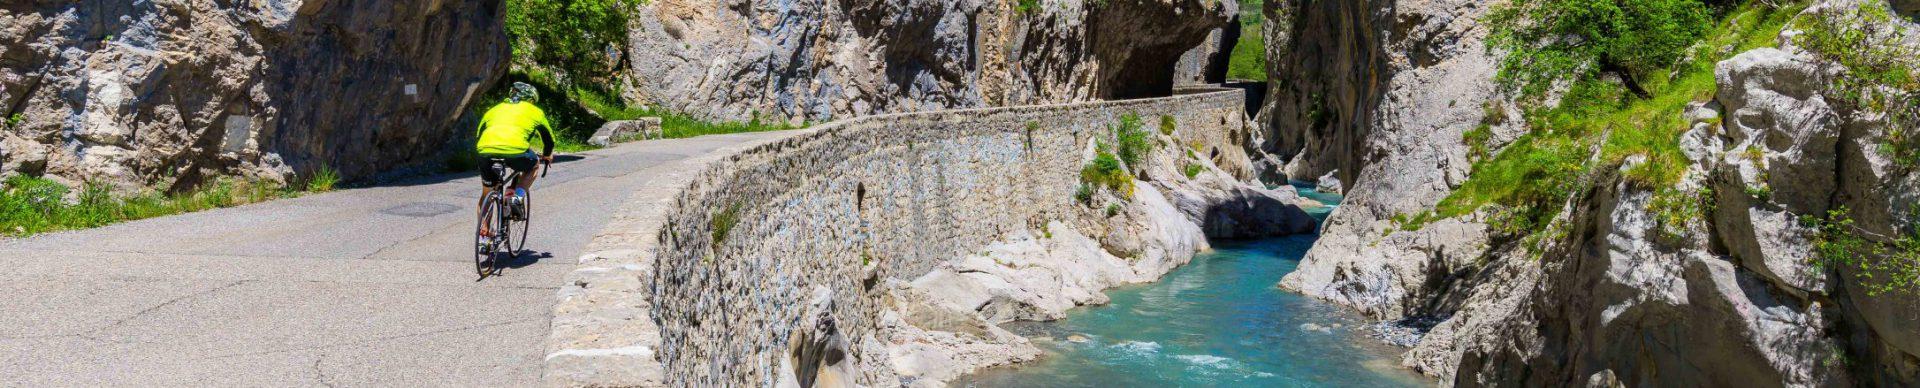 itinerari cicloturistica Clues de Barles